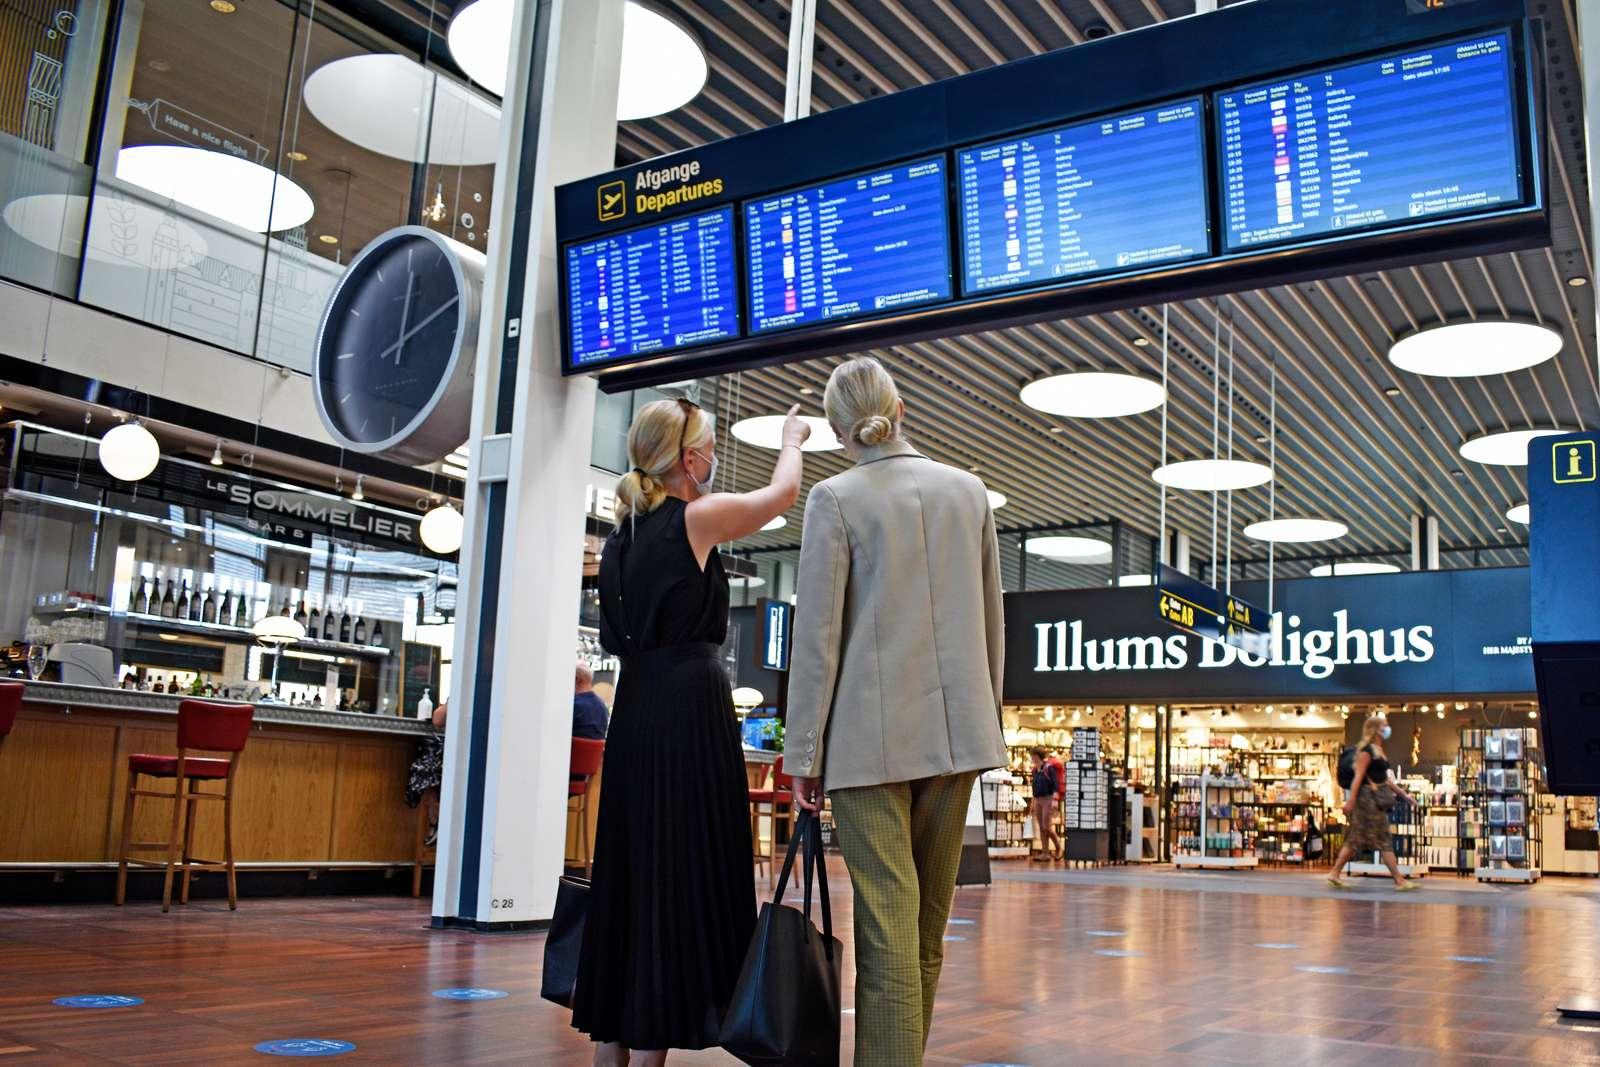 Nu skal færdigvaccinerede med bopæl i Danmark ikke mere i karantæne ved hjemkomsten fra gule og orange lande. Men med de fortsat primært orange danske rejsevejledninger, er der indtil videre ikke så mange flyafgange at kigge efter. Arkivpressefoto fra Københavns Lufthavn.